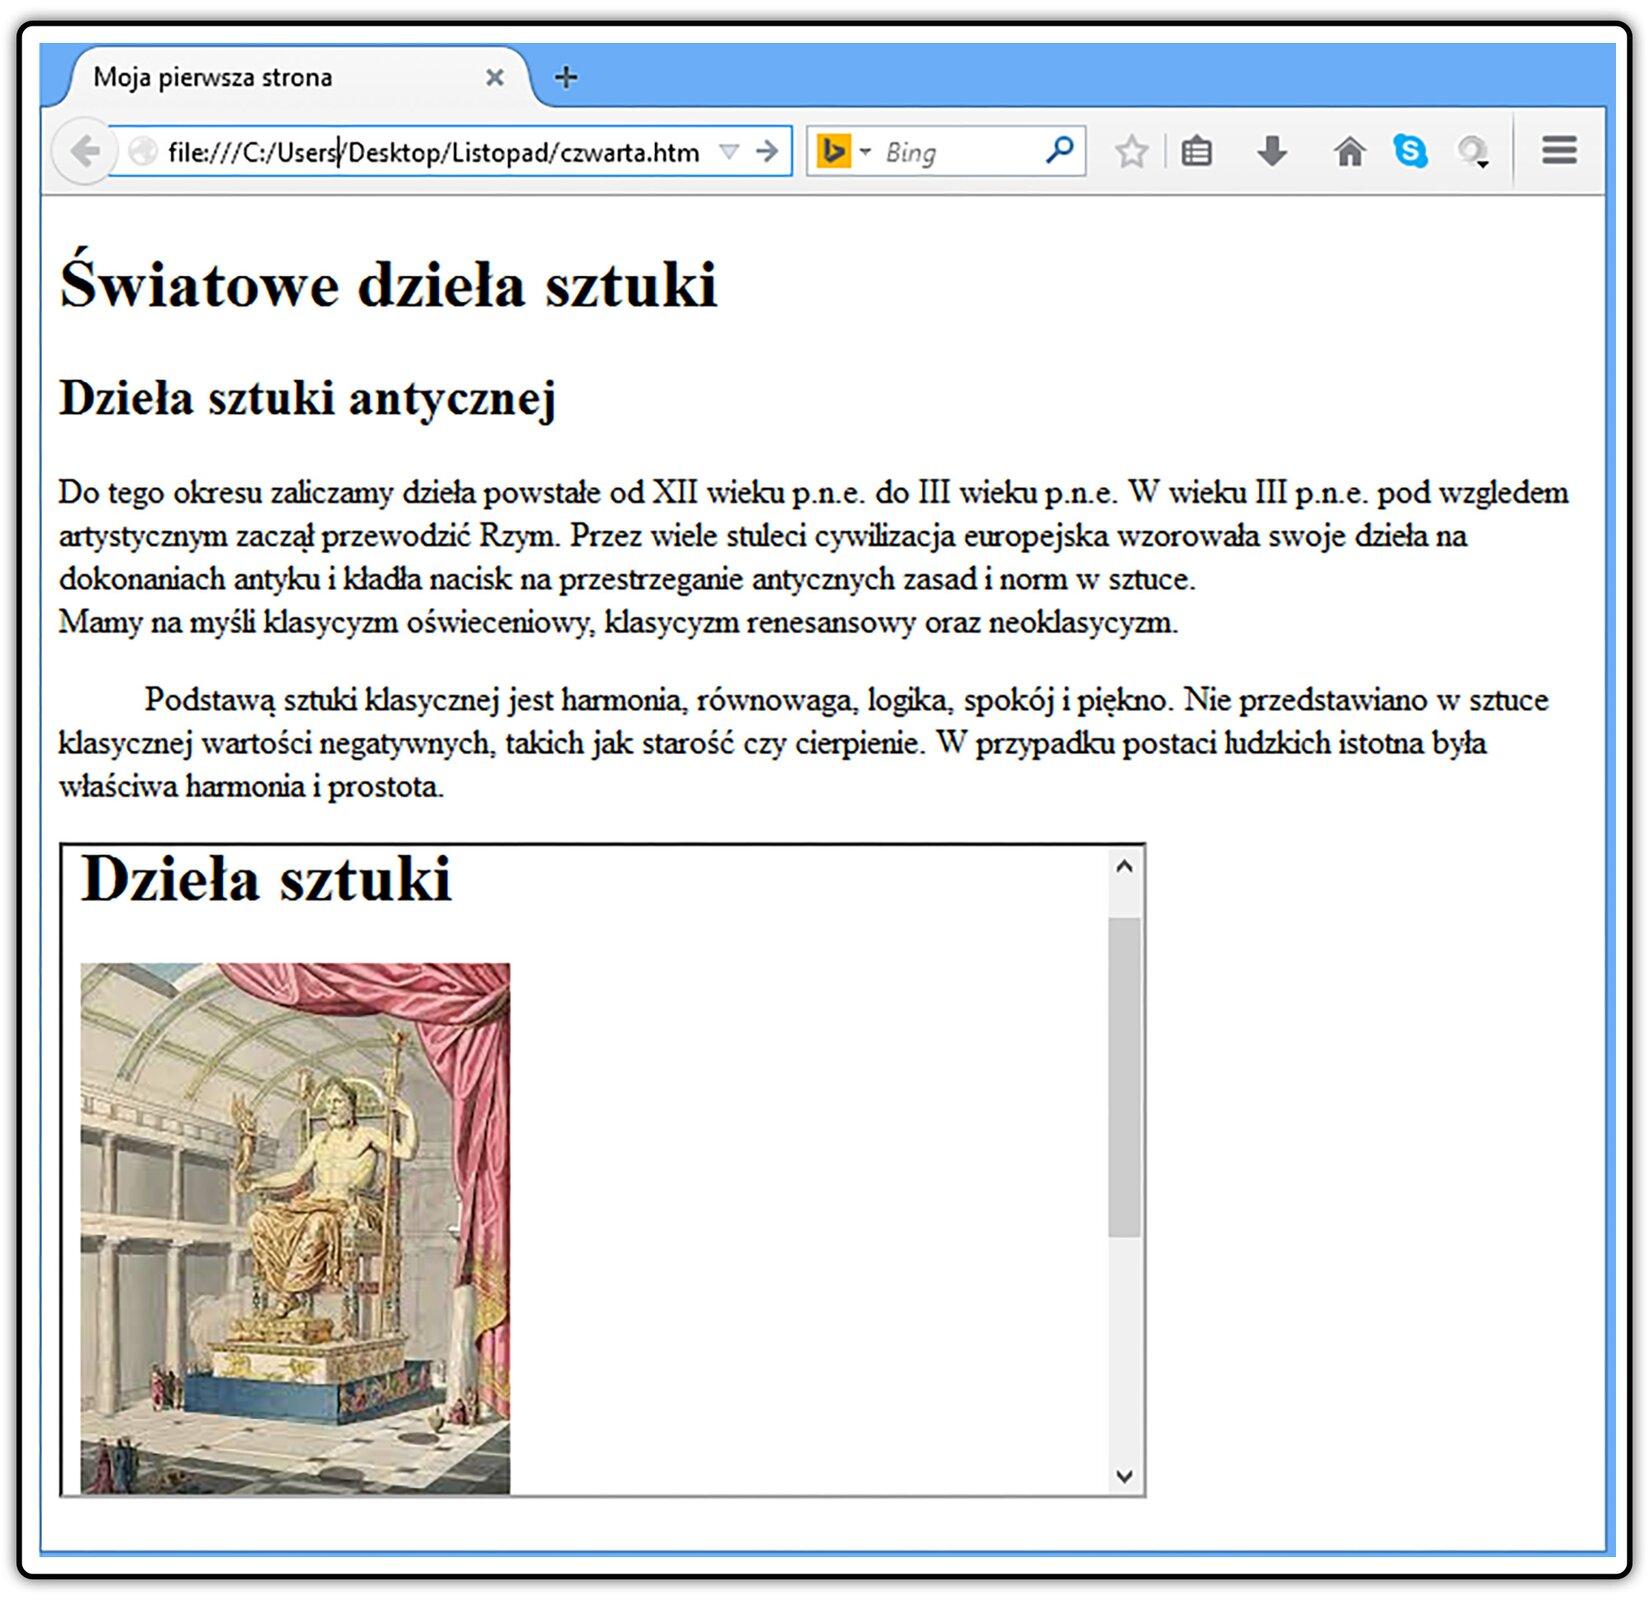 Zrzut widoku strony dokumentu HTML zramka pływającą zawierającą inną stronę